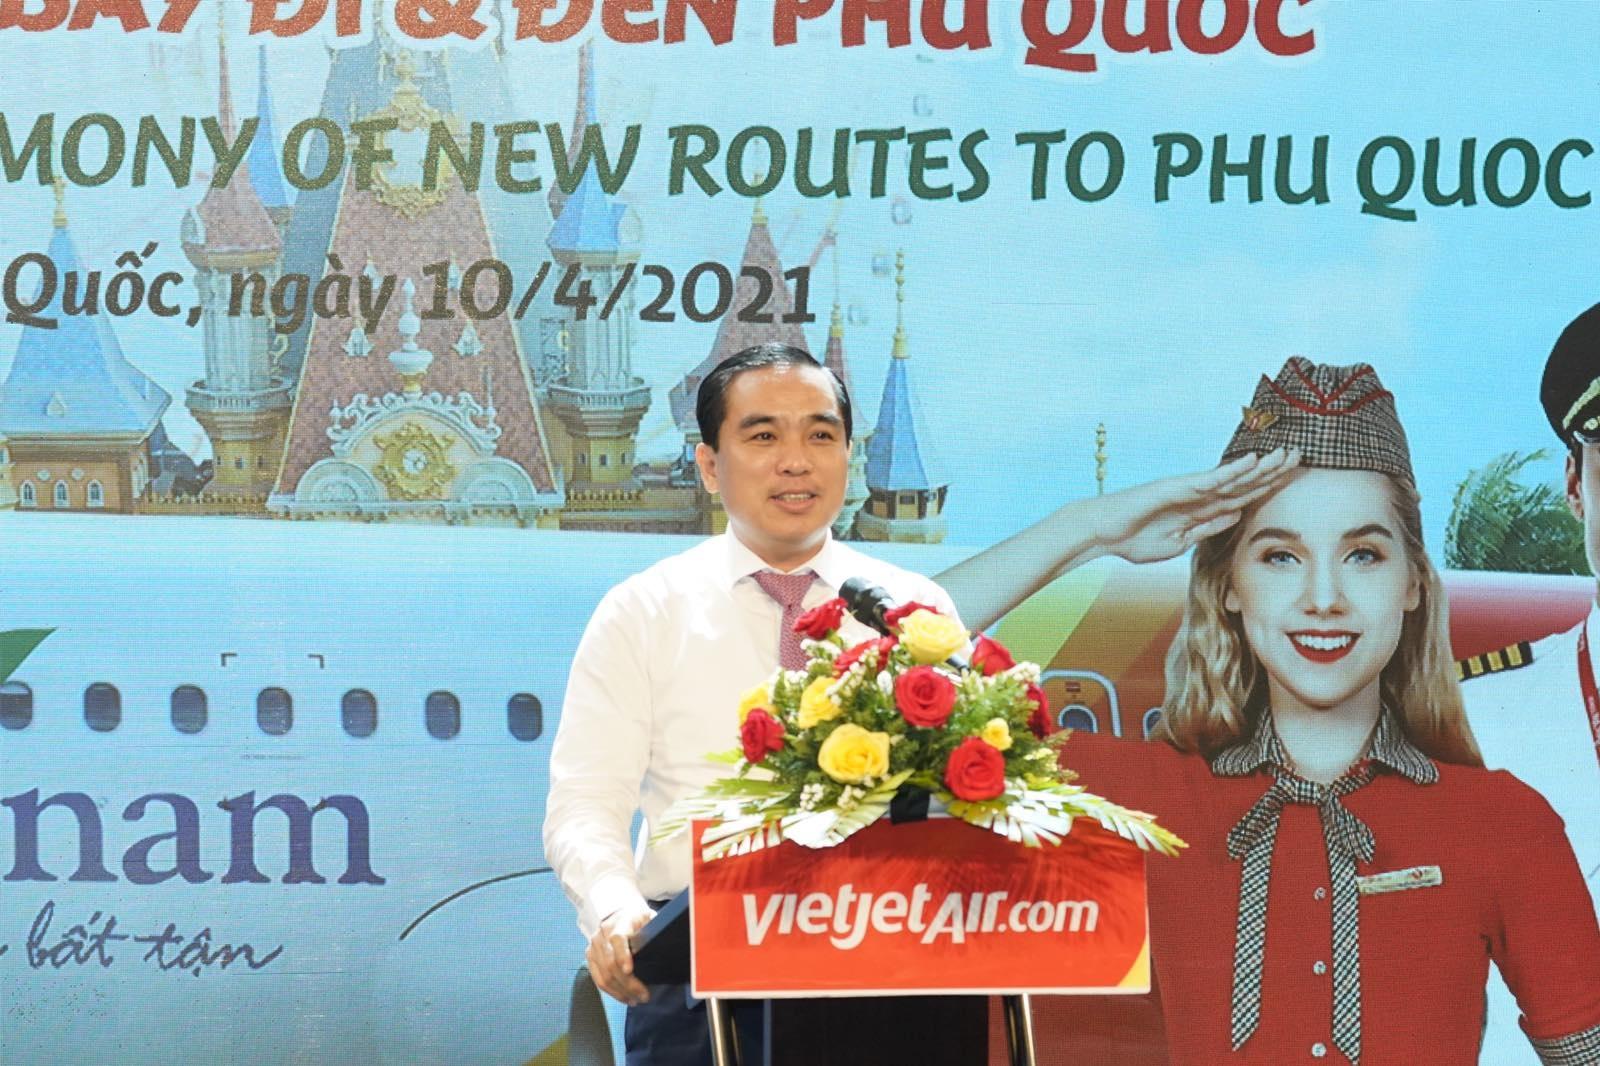 Vietjet anh 2  - Chu_tich_UBND_Phu_Quoc_Huynh_Quang_Hung_2 - Vietjet khai thác 10 đường bay thẳng đến Phú Quốc